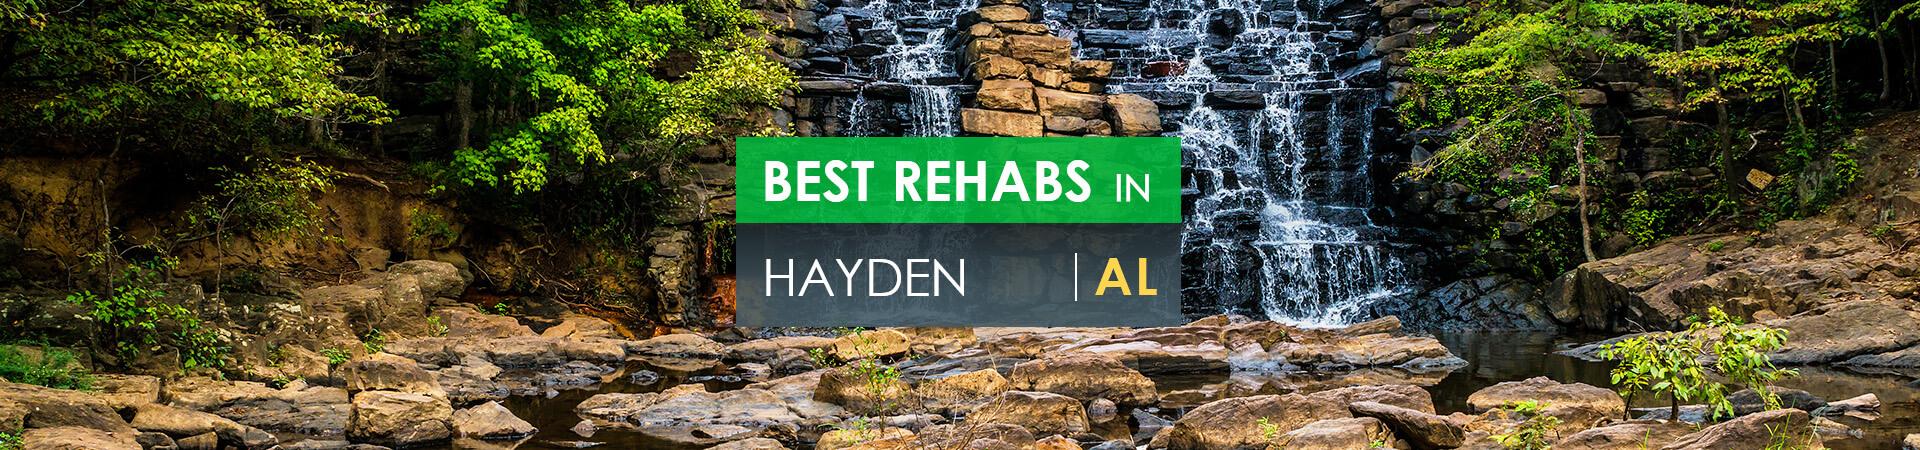 Best rehabs in Hayden, AL